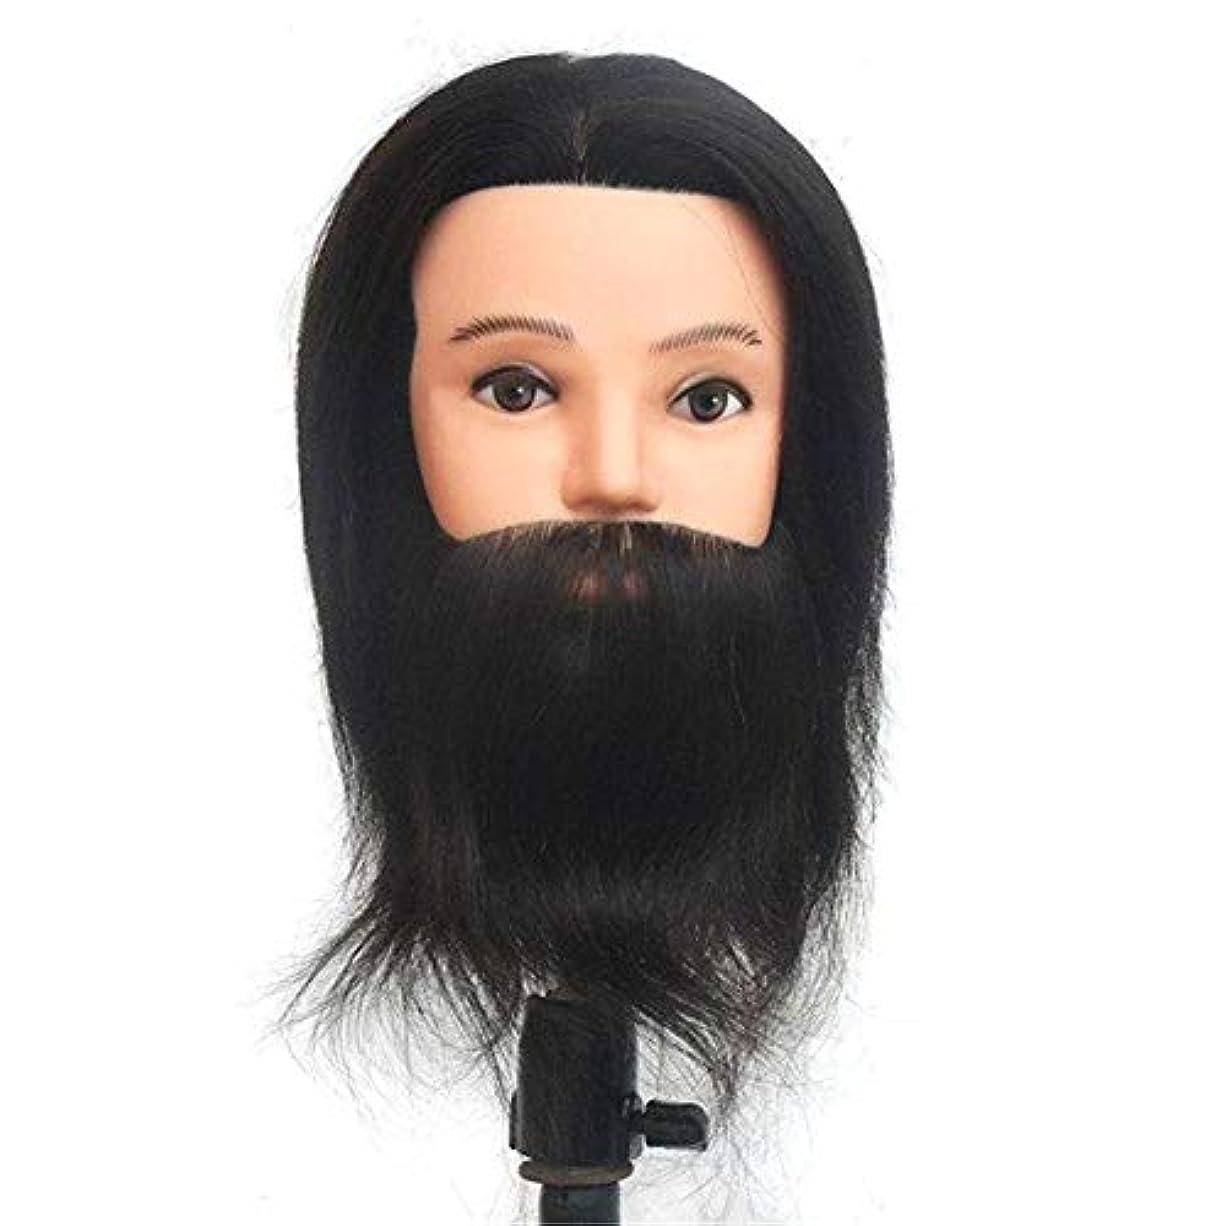 頑丈思い出制限されたリアル人間の髪トレーニングヘッドパーマ髪モデル髪染め理髪ダミーヘッドトリミングひげ学習ヘッドモデル